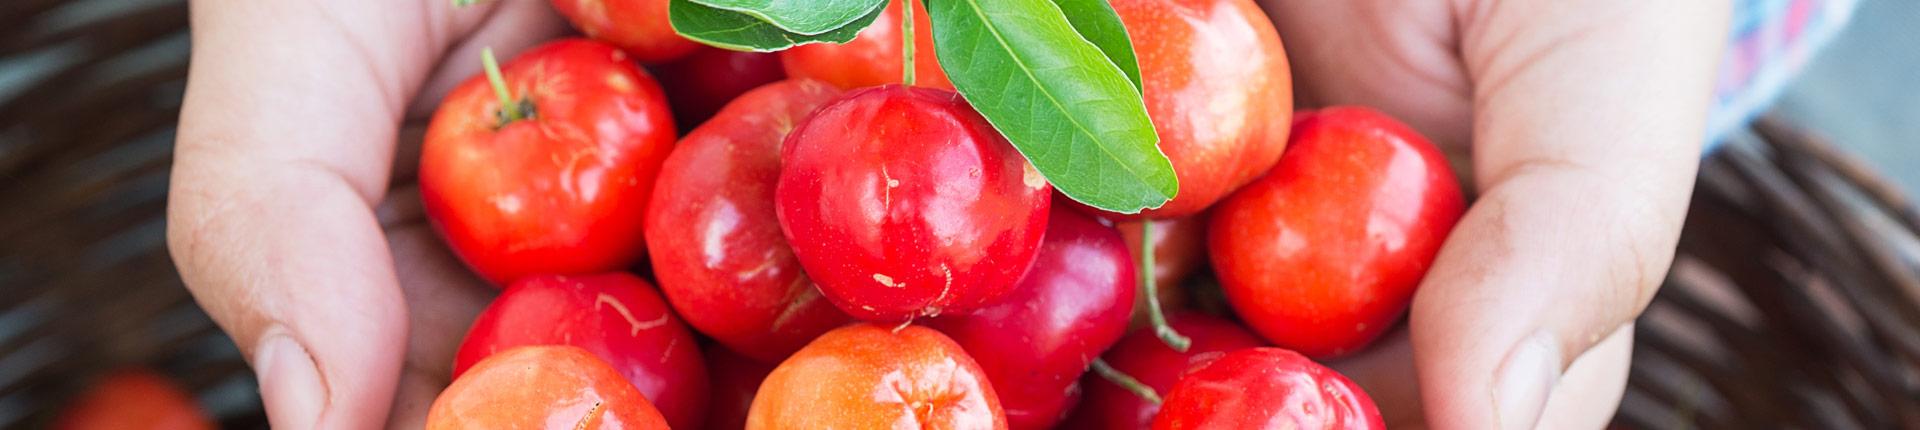 Acerola - co to za owoc? Ciekawe właściwości aceroli